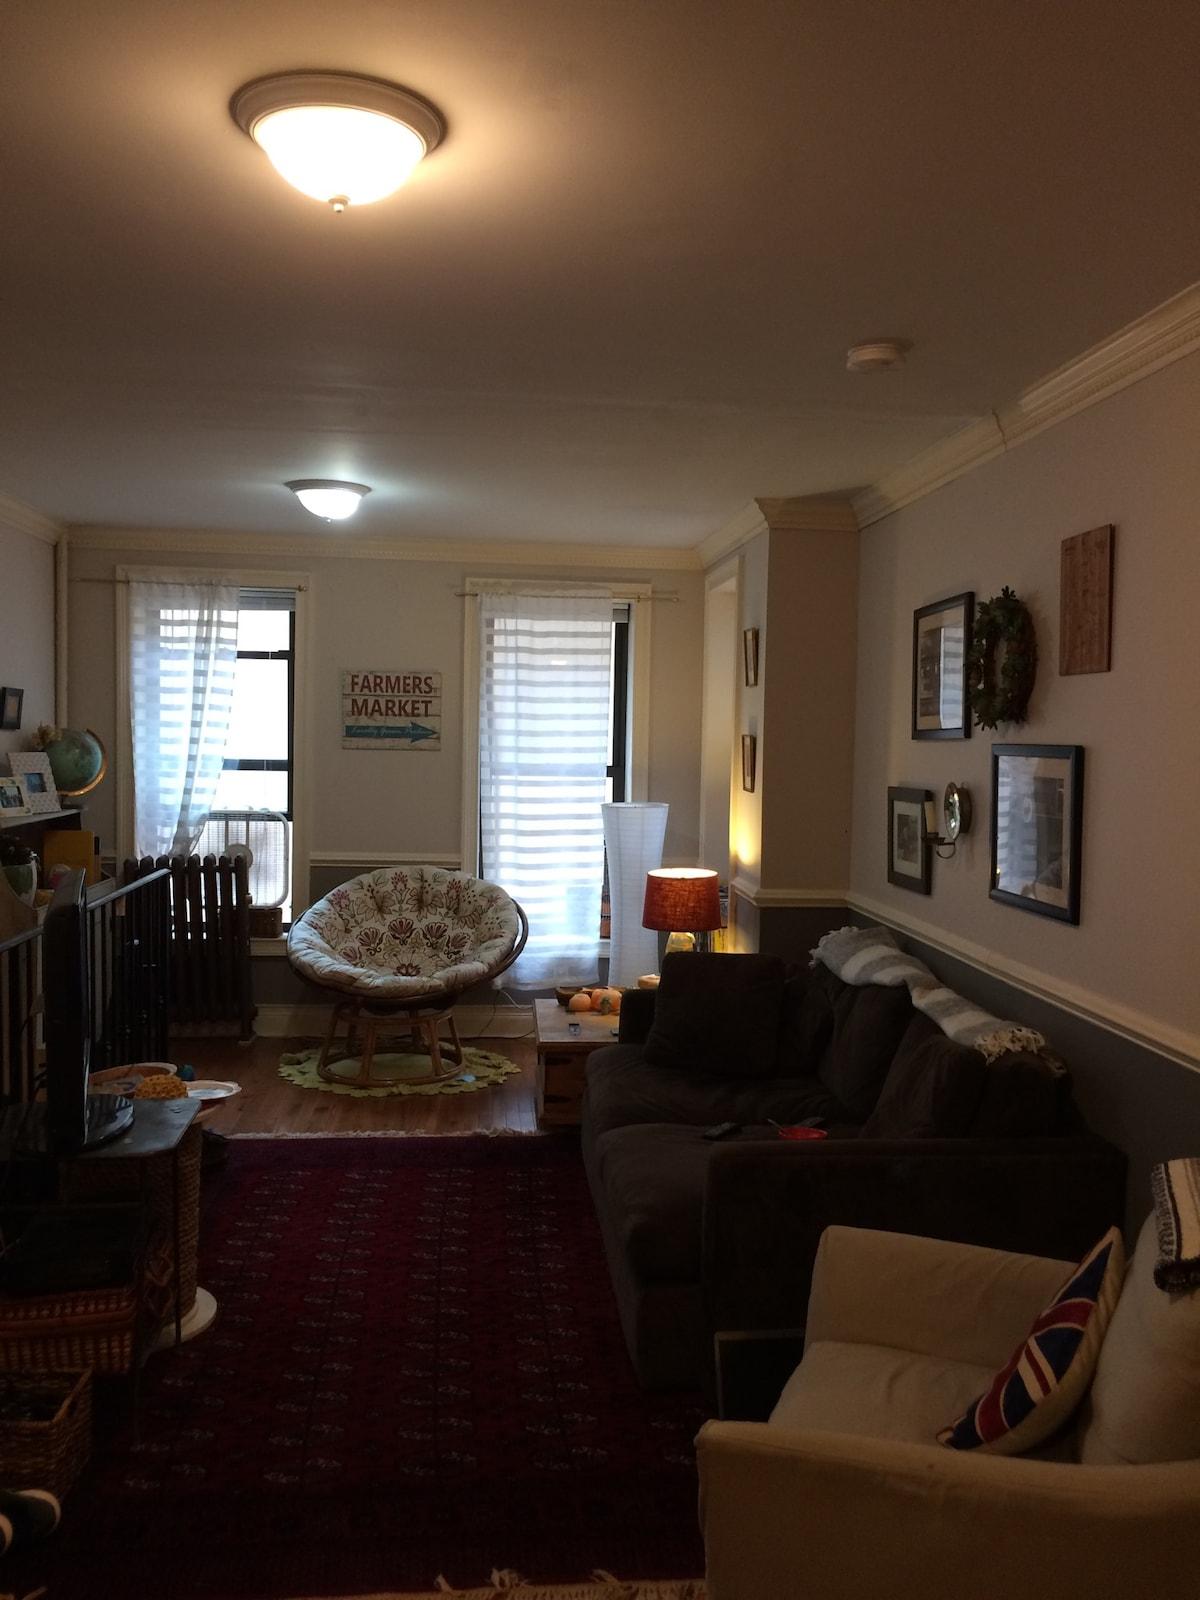 Brooklyn Barclays apartment!